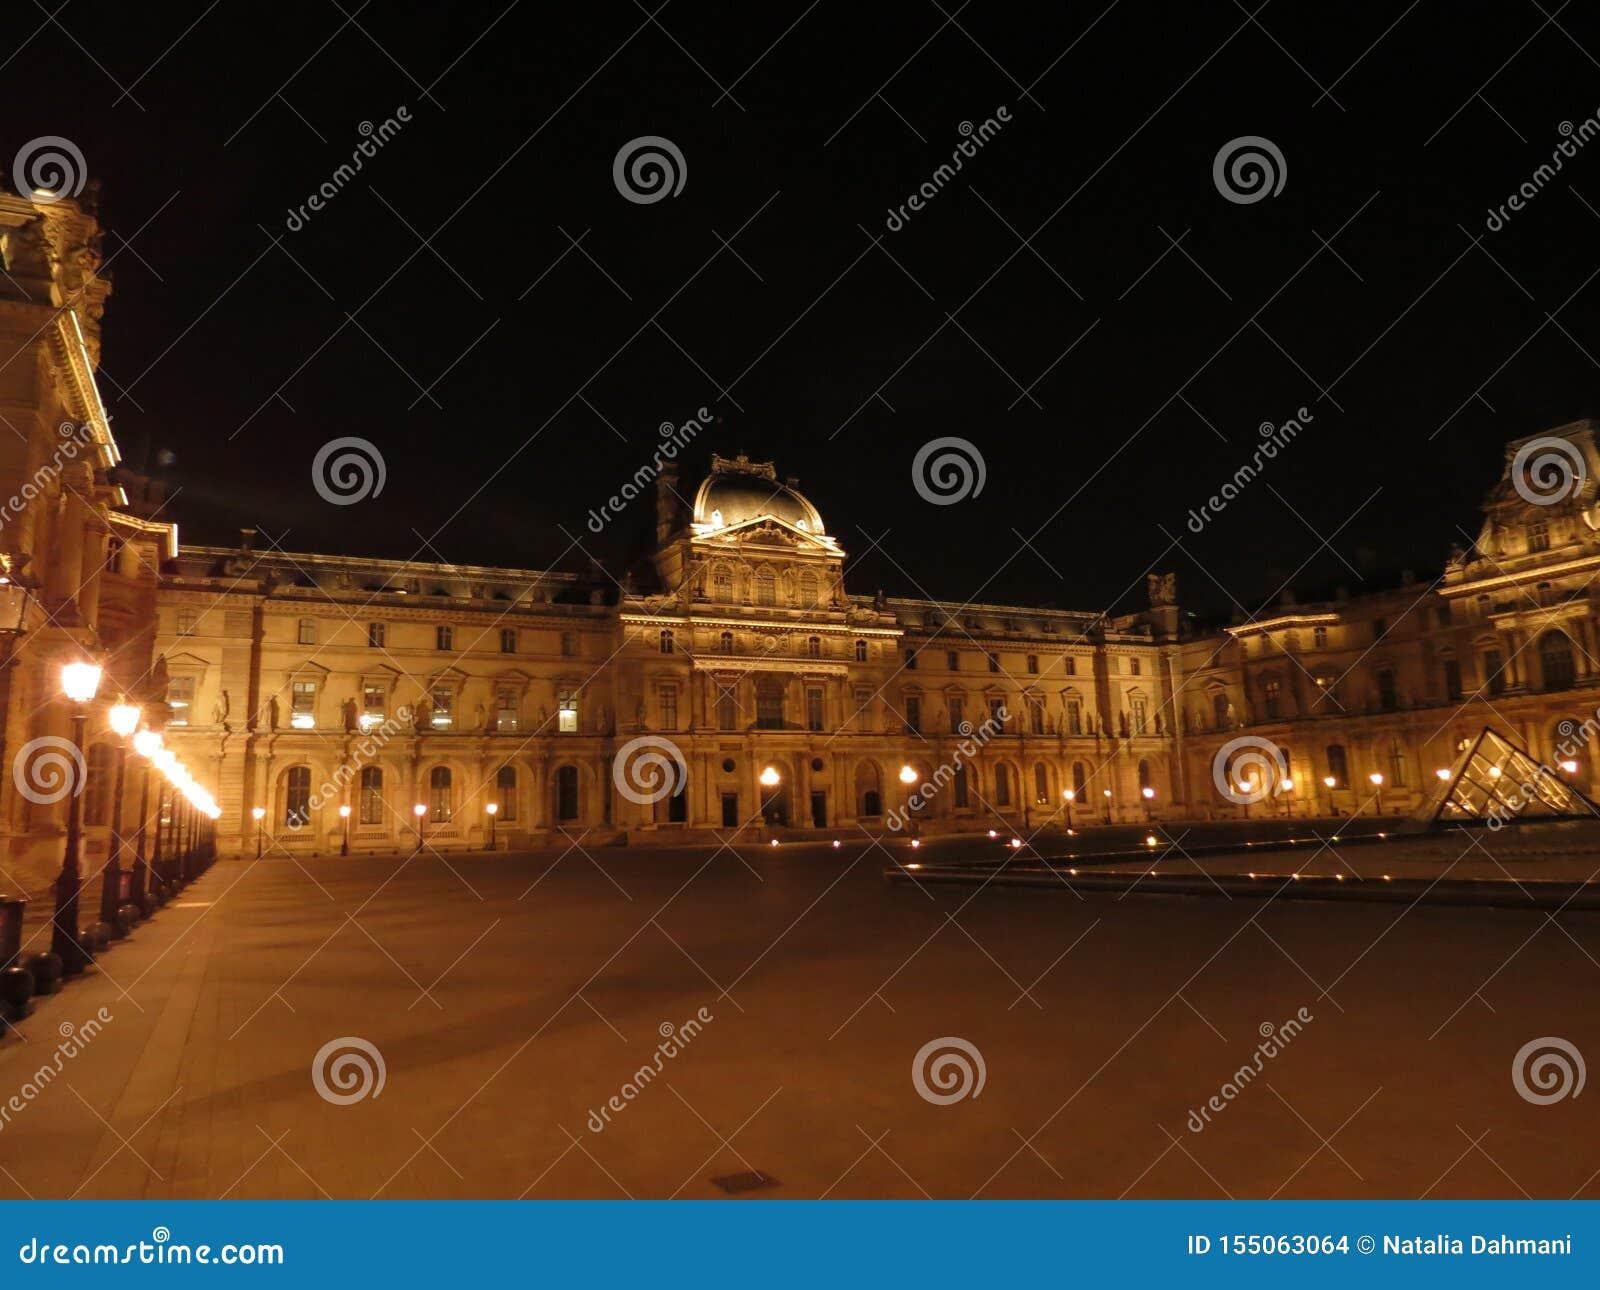 Amazing night in Paris